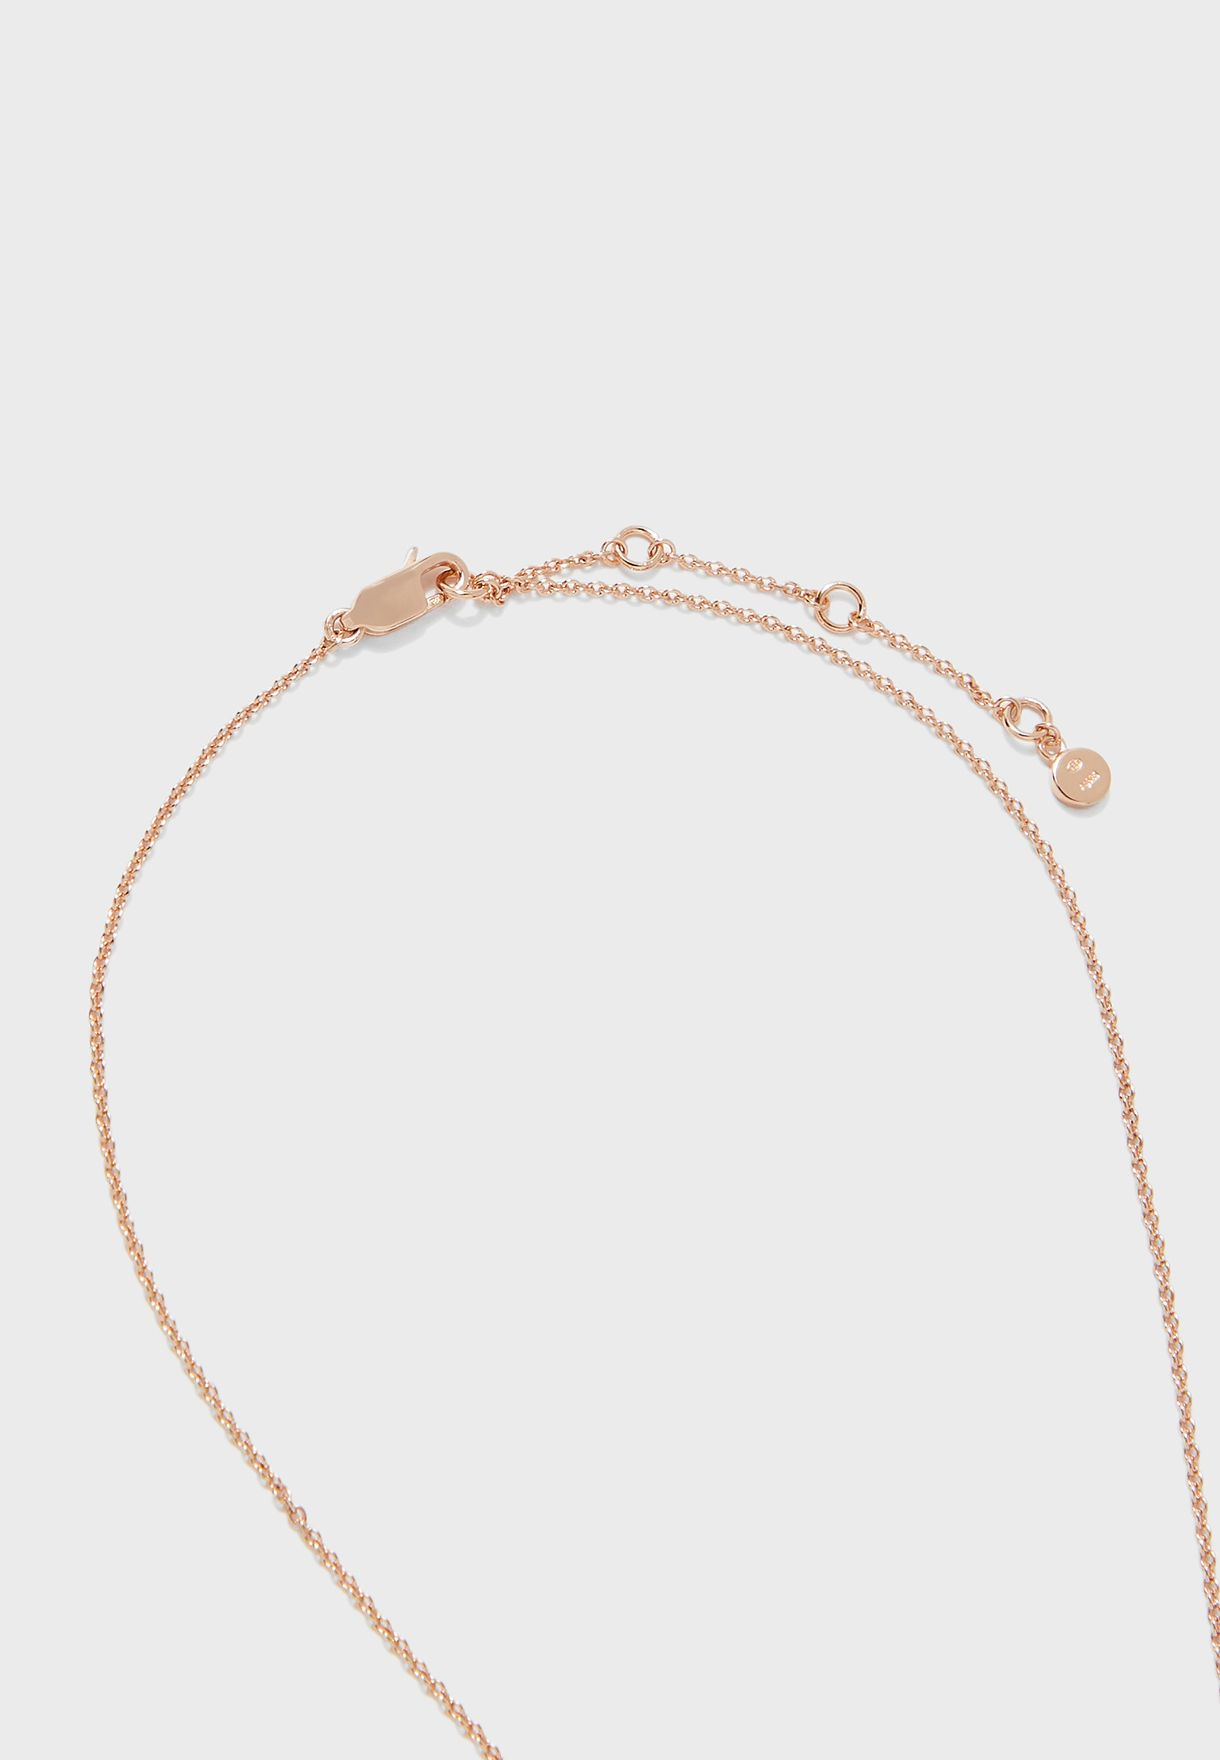 EG3416221 Sentimental Choker+Stud Earrings